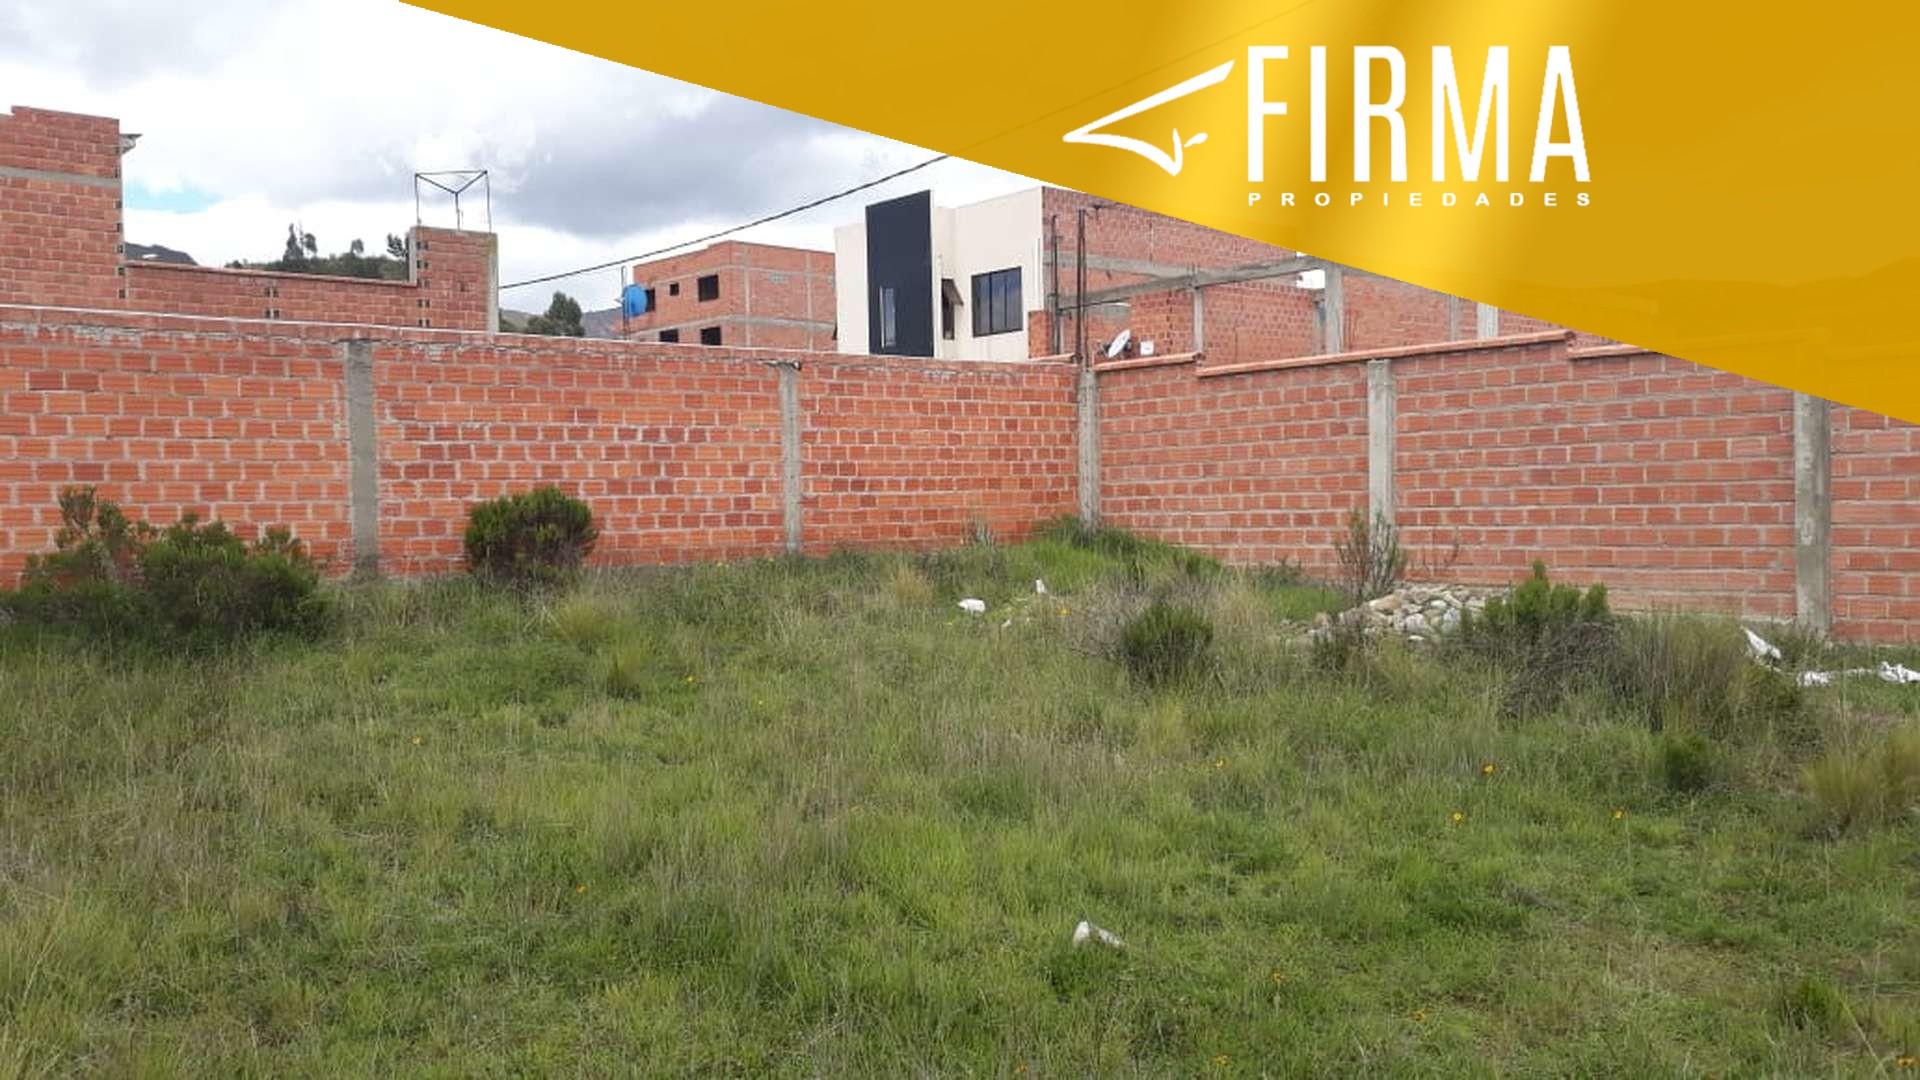 Terreno en Venta FTV46392 – COMPRA TU TERRENO EN ACHUMANI, CIUDADELA STRONGUISTA Foto 4